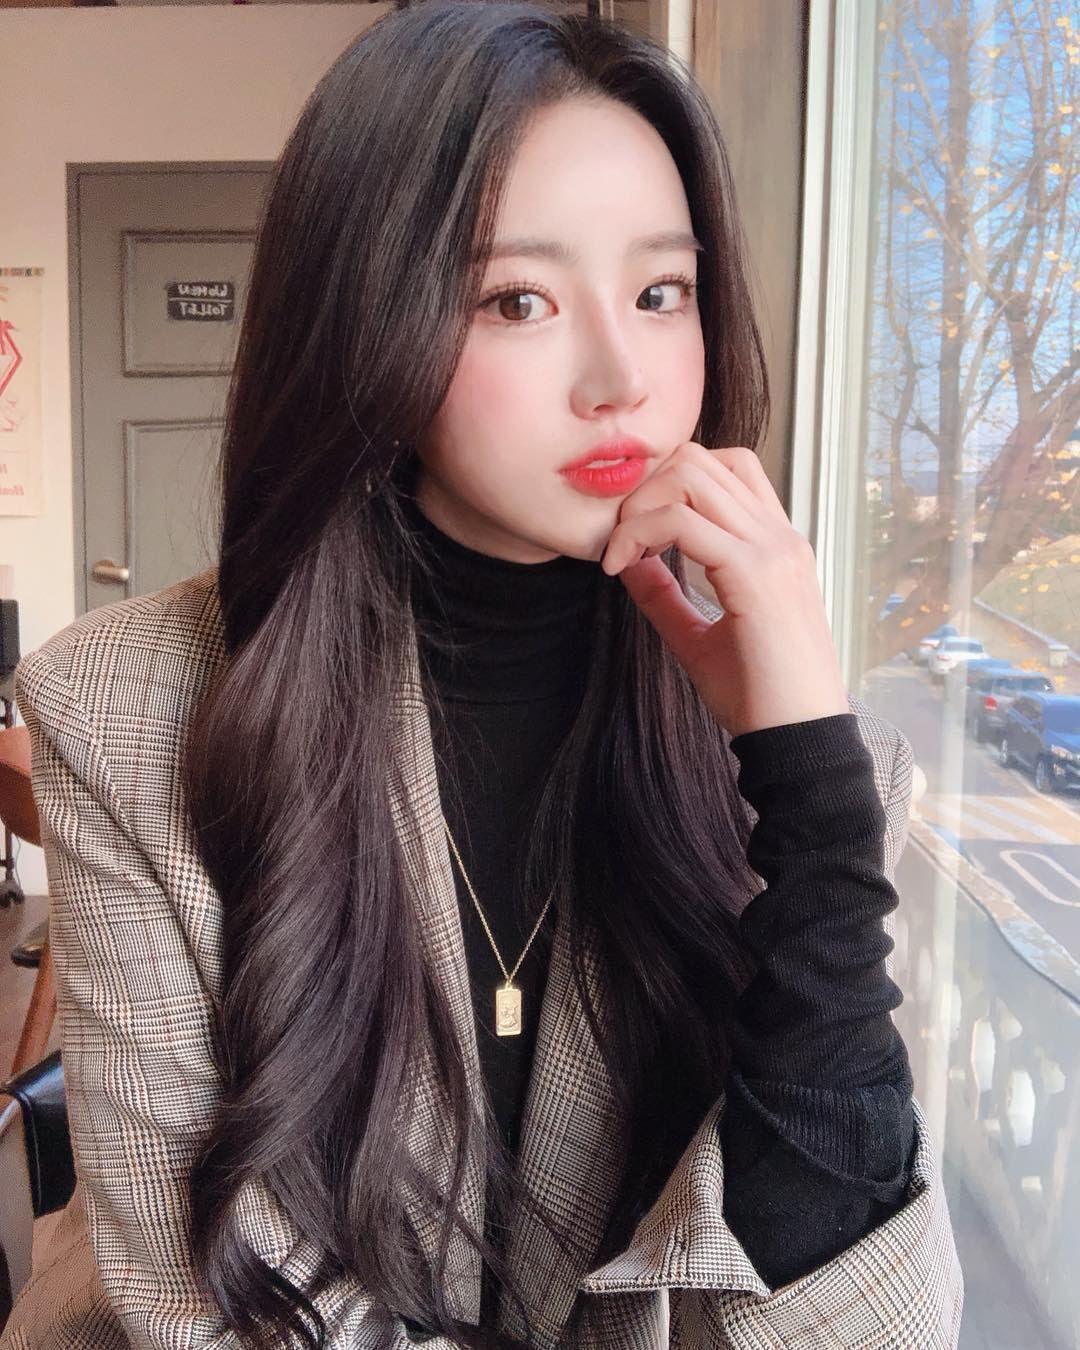 низкие кореянки фото процессе